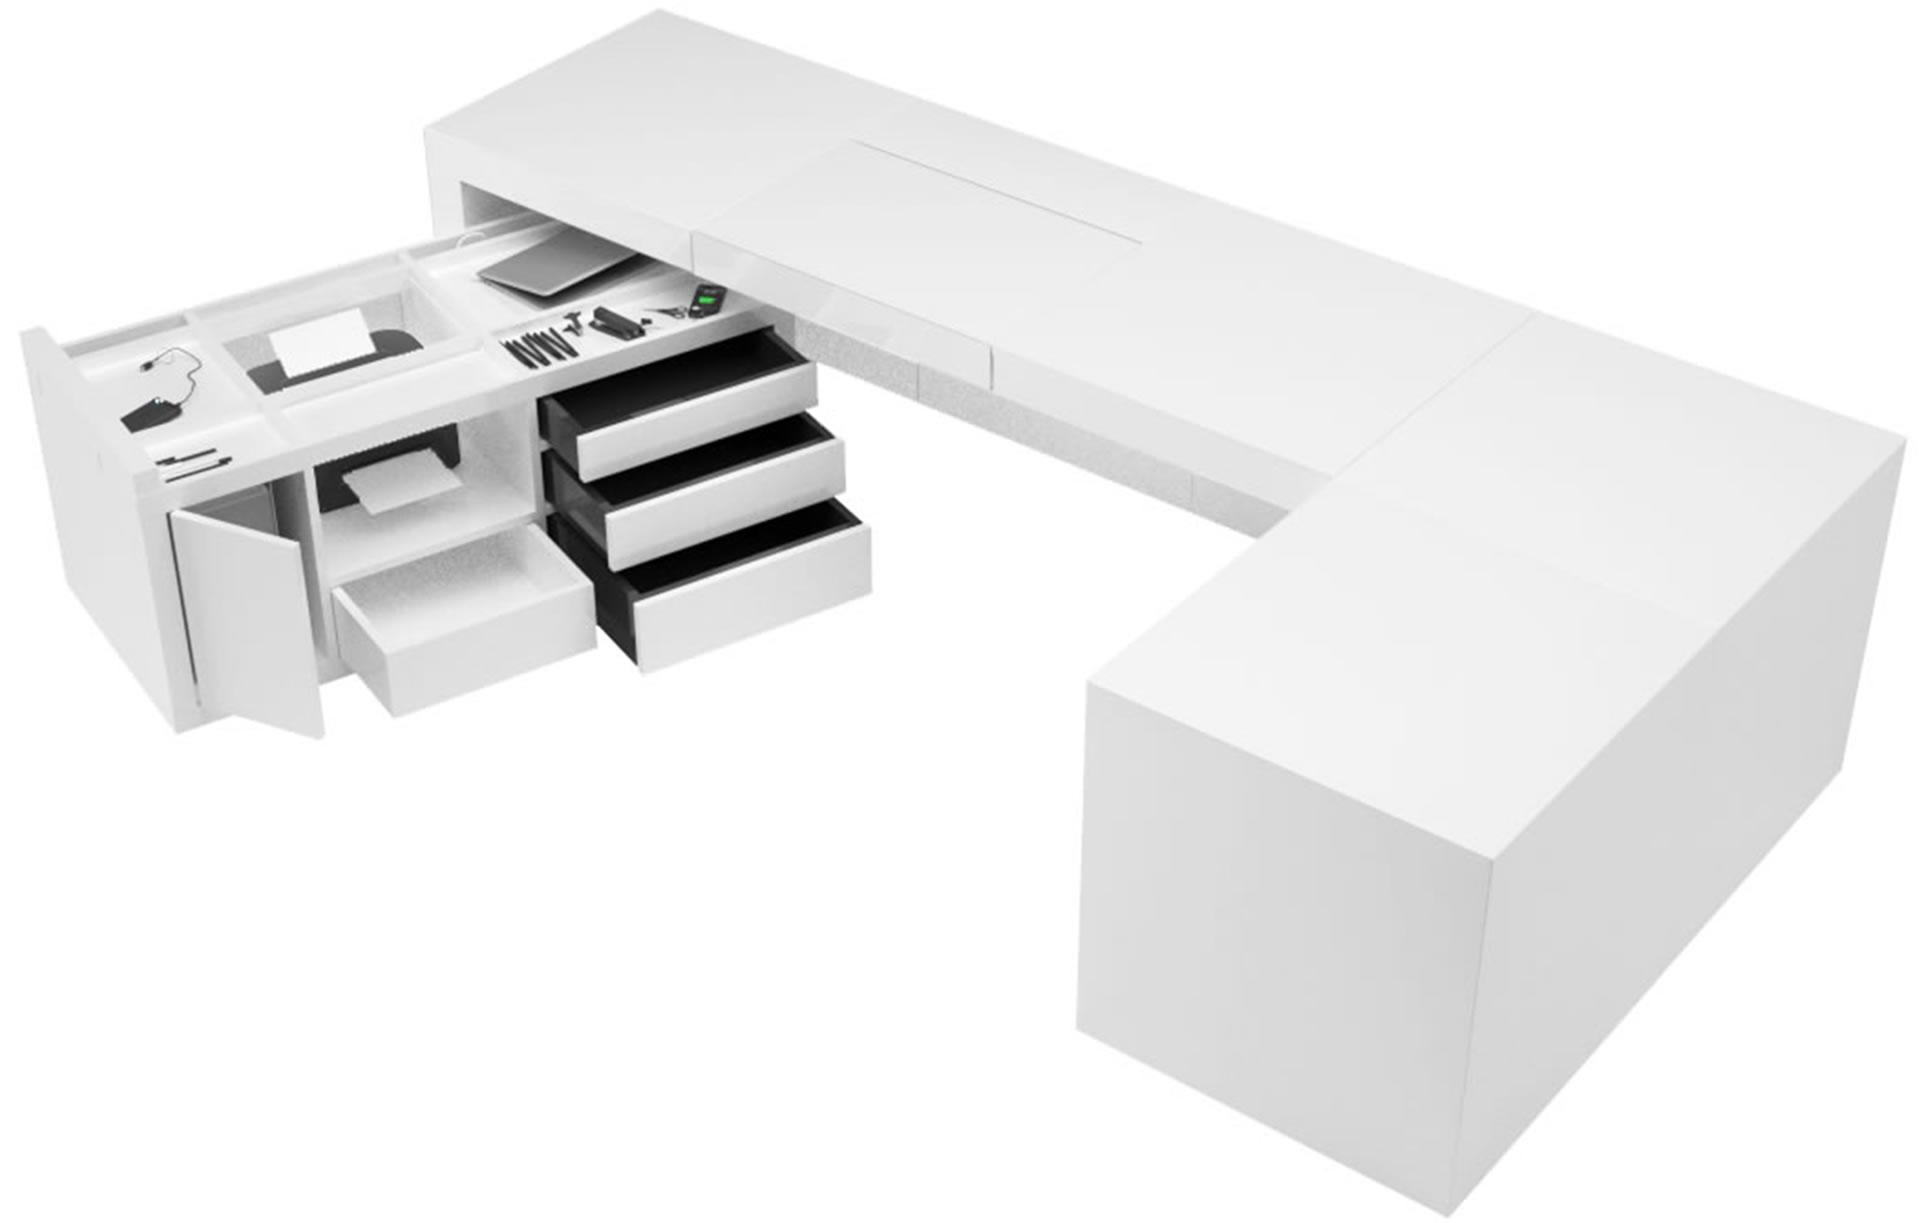 Schreibtisch designermöbel  Roll-Container DIGERIES online bestellen ▭ edel Design- Roll ...